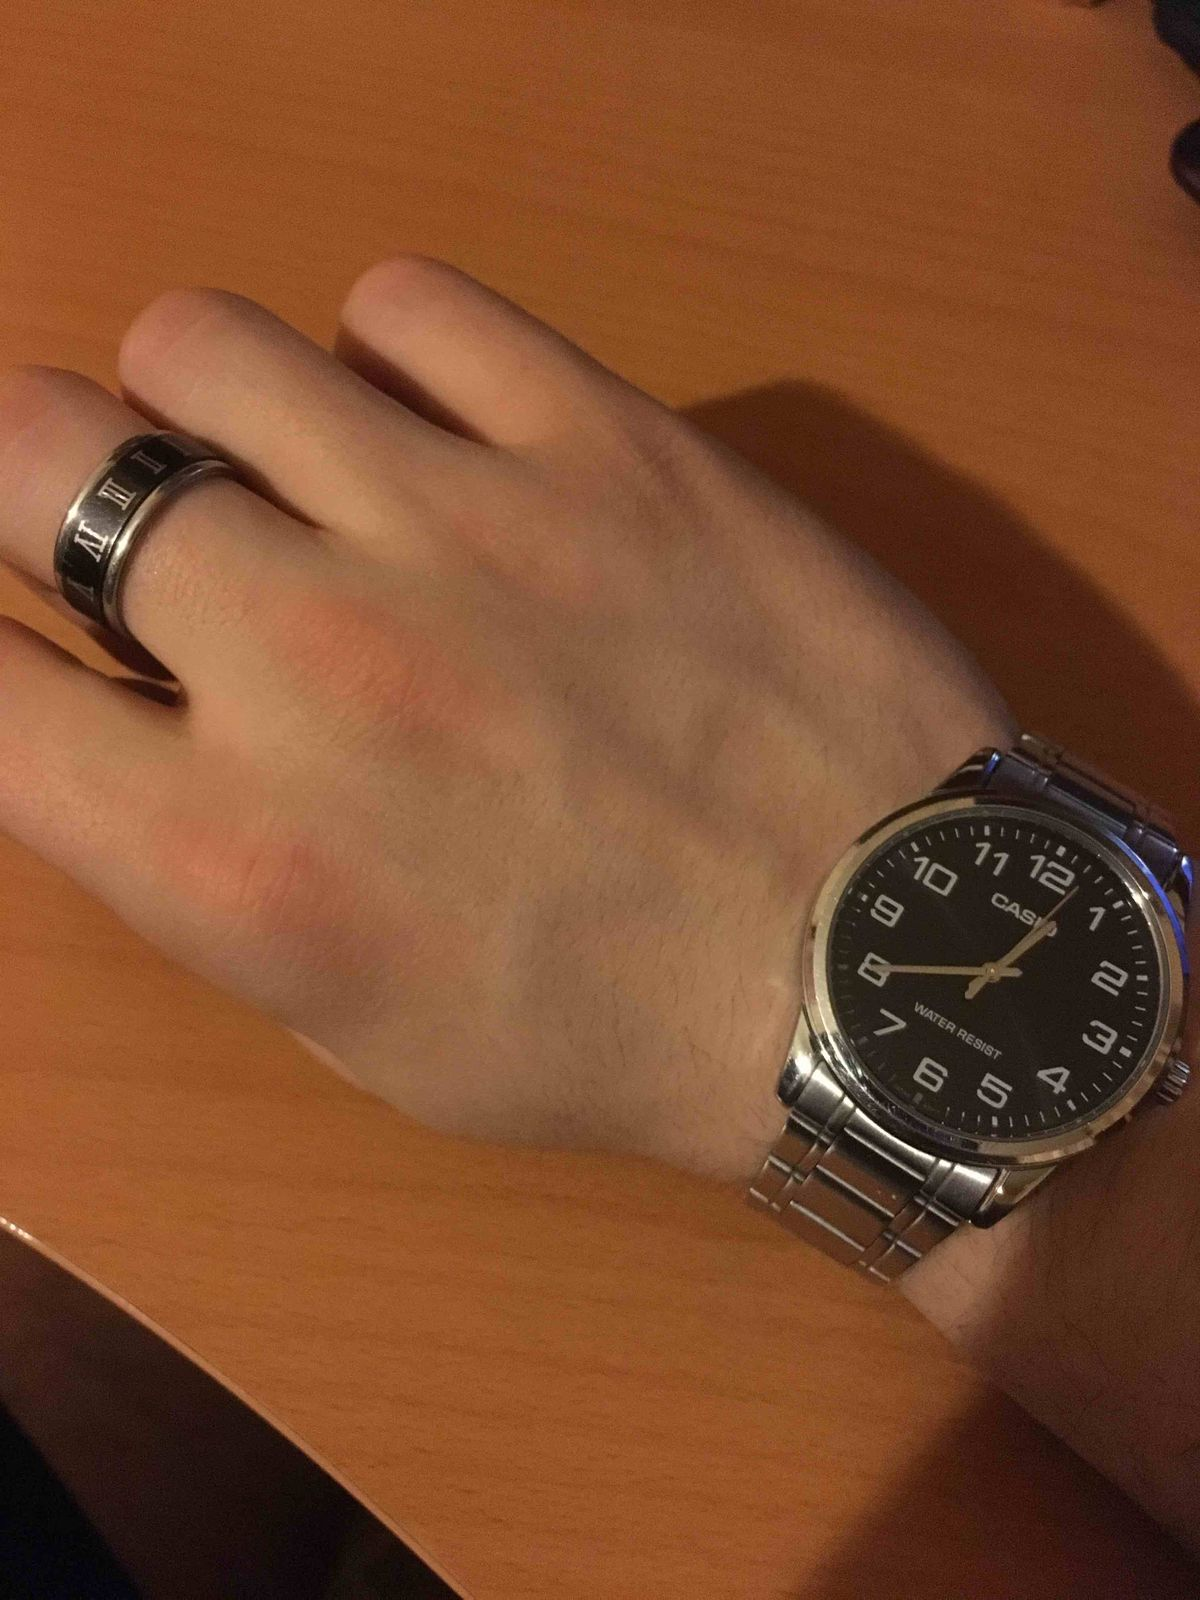 Шикарное кольцо (имхо)